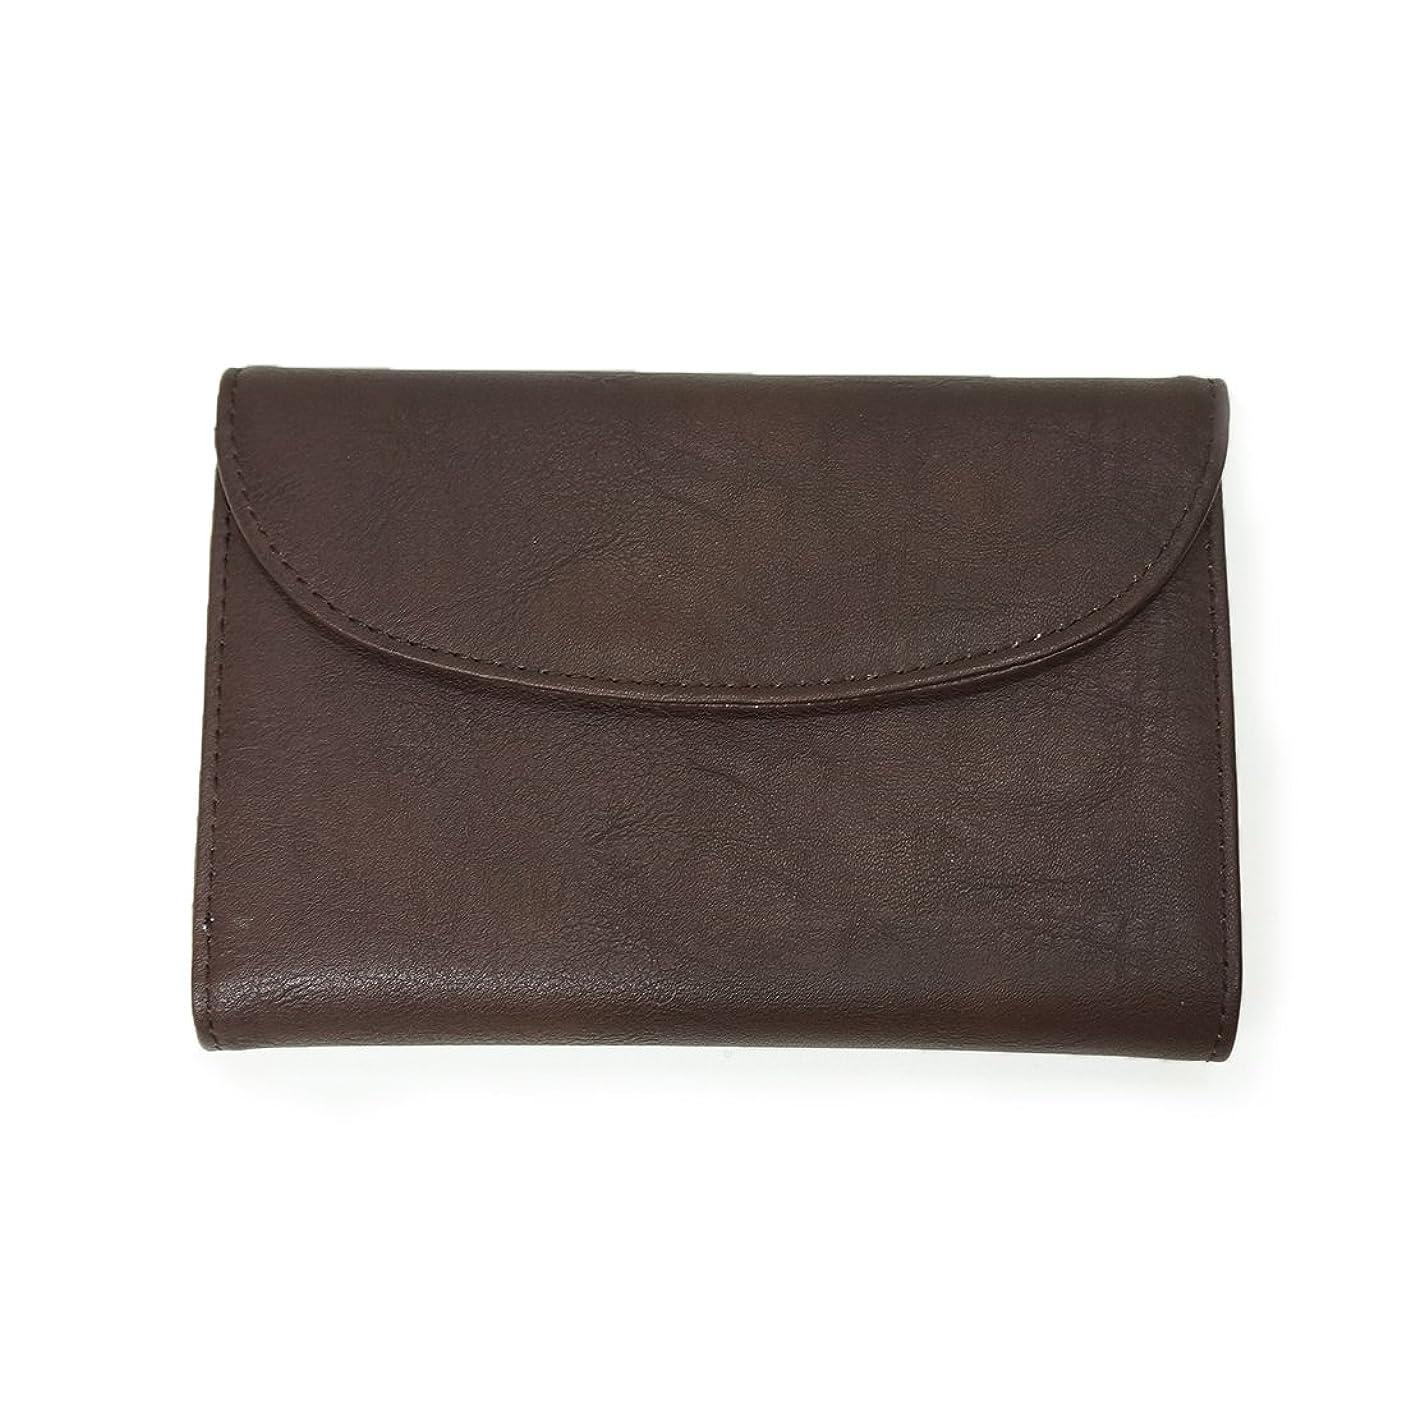 削除する流行しているビバ財布 長財布 三つ折り フラップ ウォレット メンズ レディース キーズ Keys keys